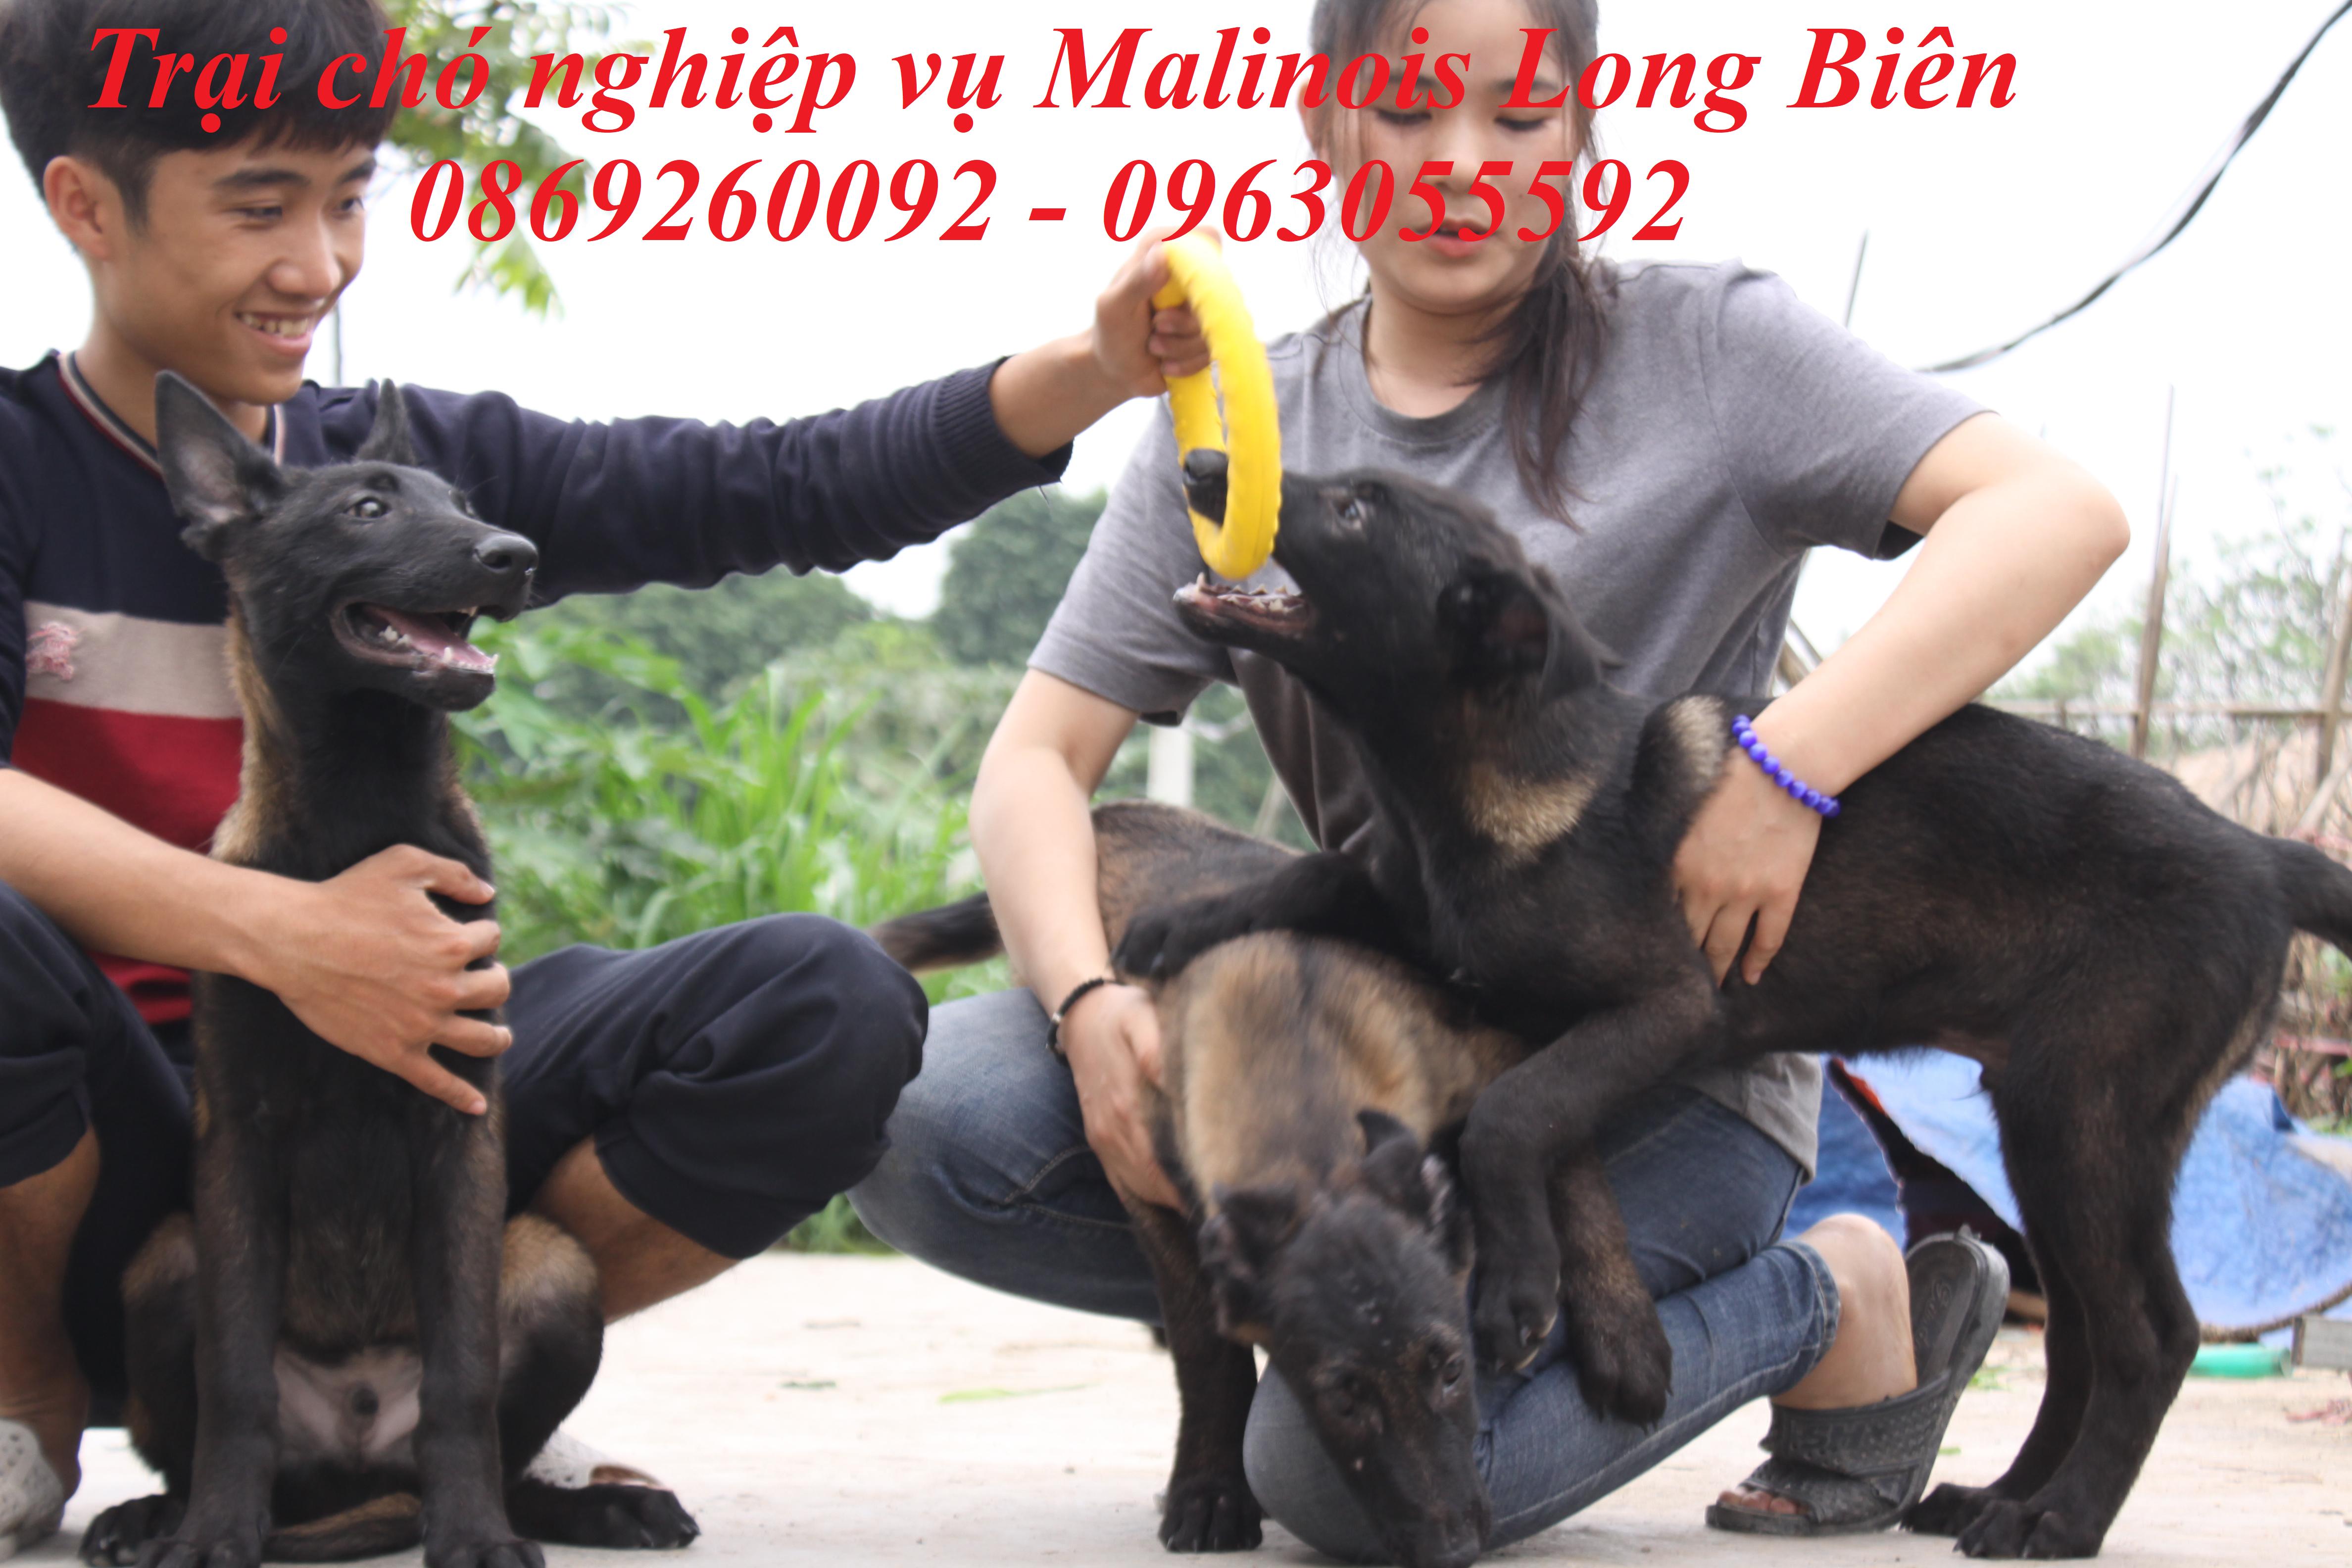 Đánh giá chó begcie bỉ con tại trại chó Malinois Long Biên